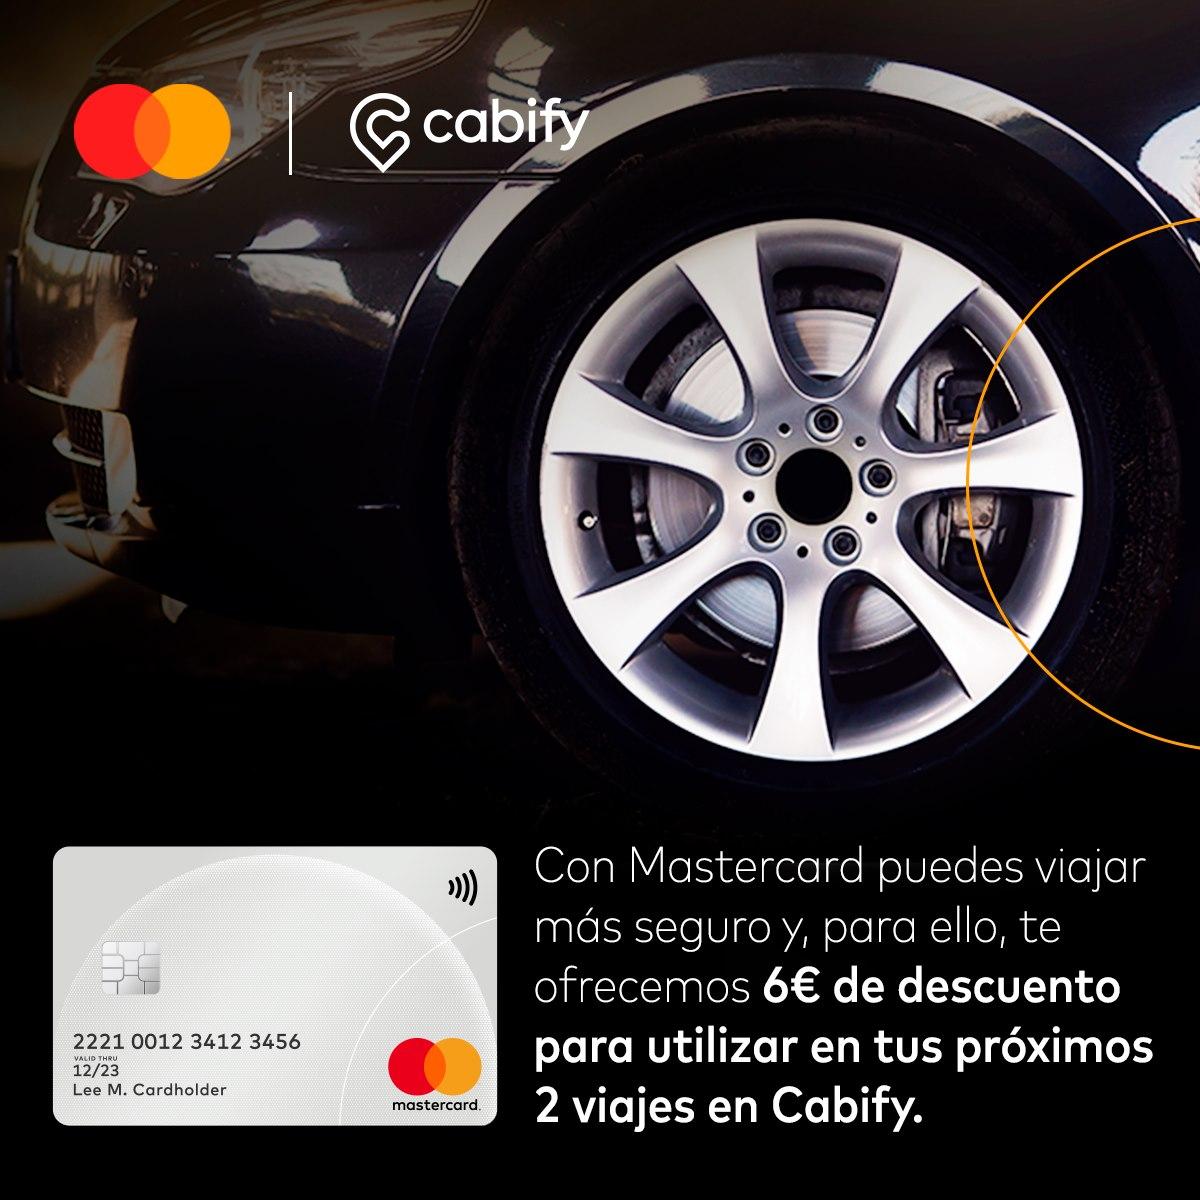 6€ Descuento Cabify